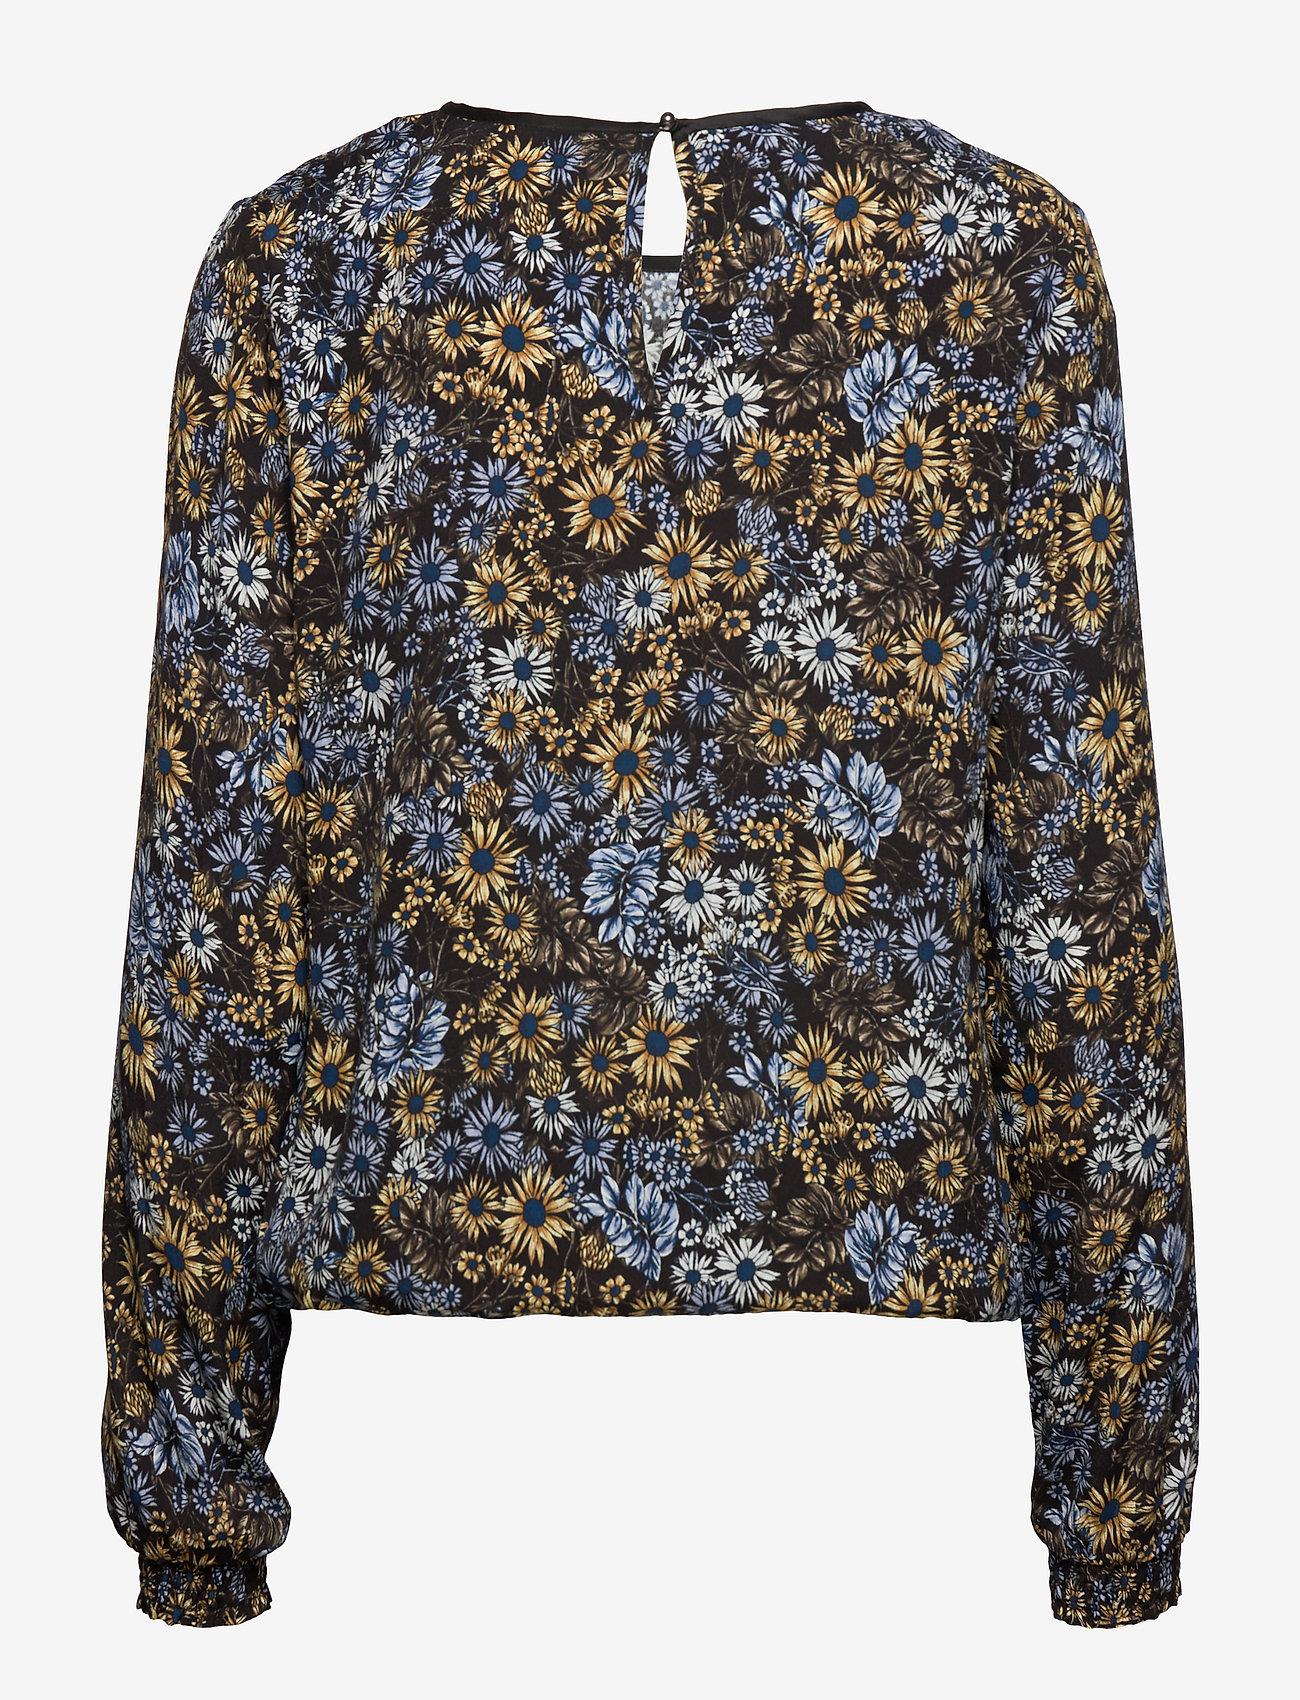 Pzlouise Blouse (Black Flower) - Pulz Jeans wxTC9O